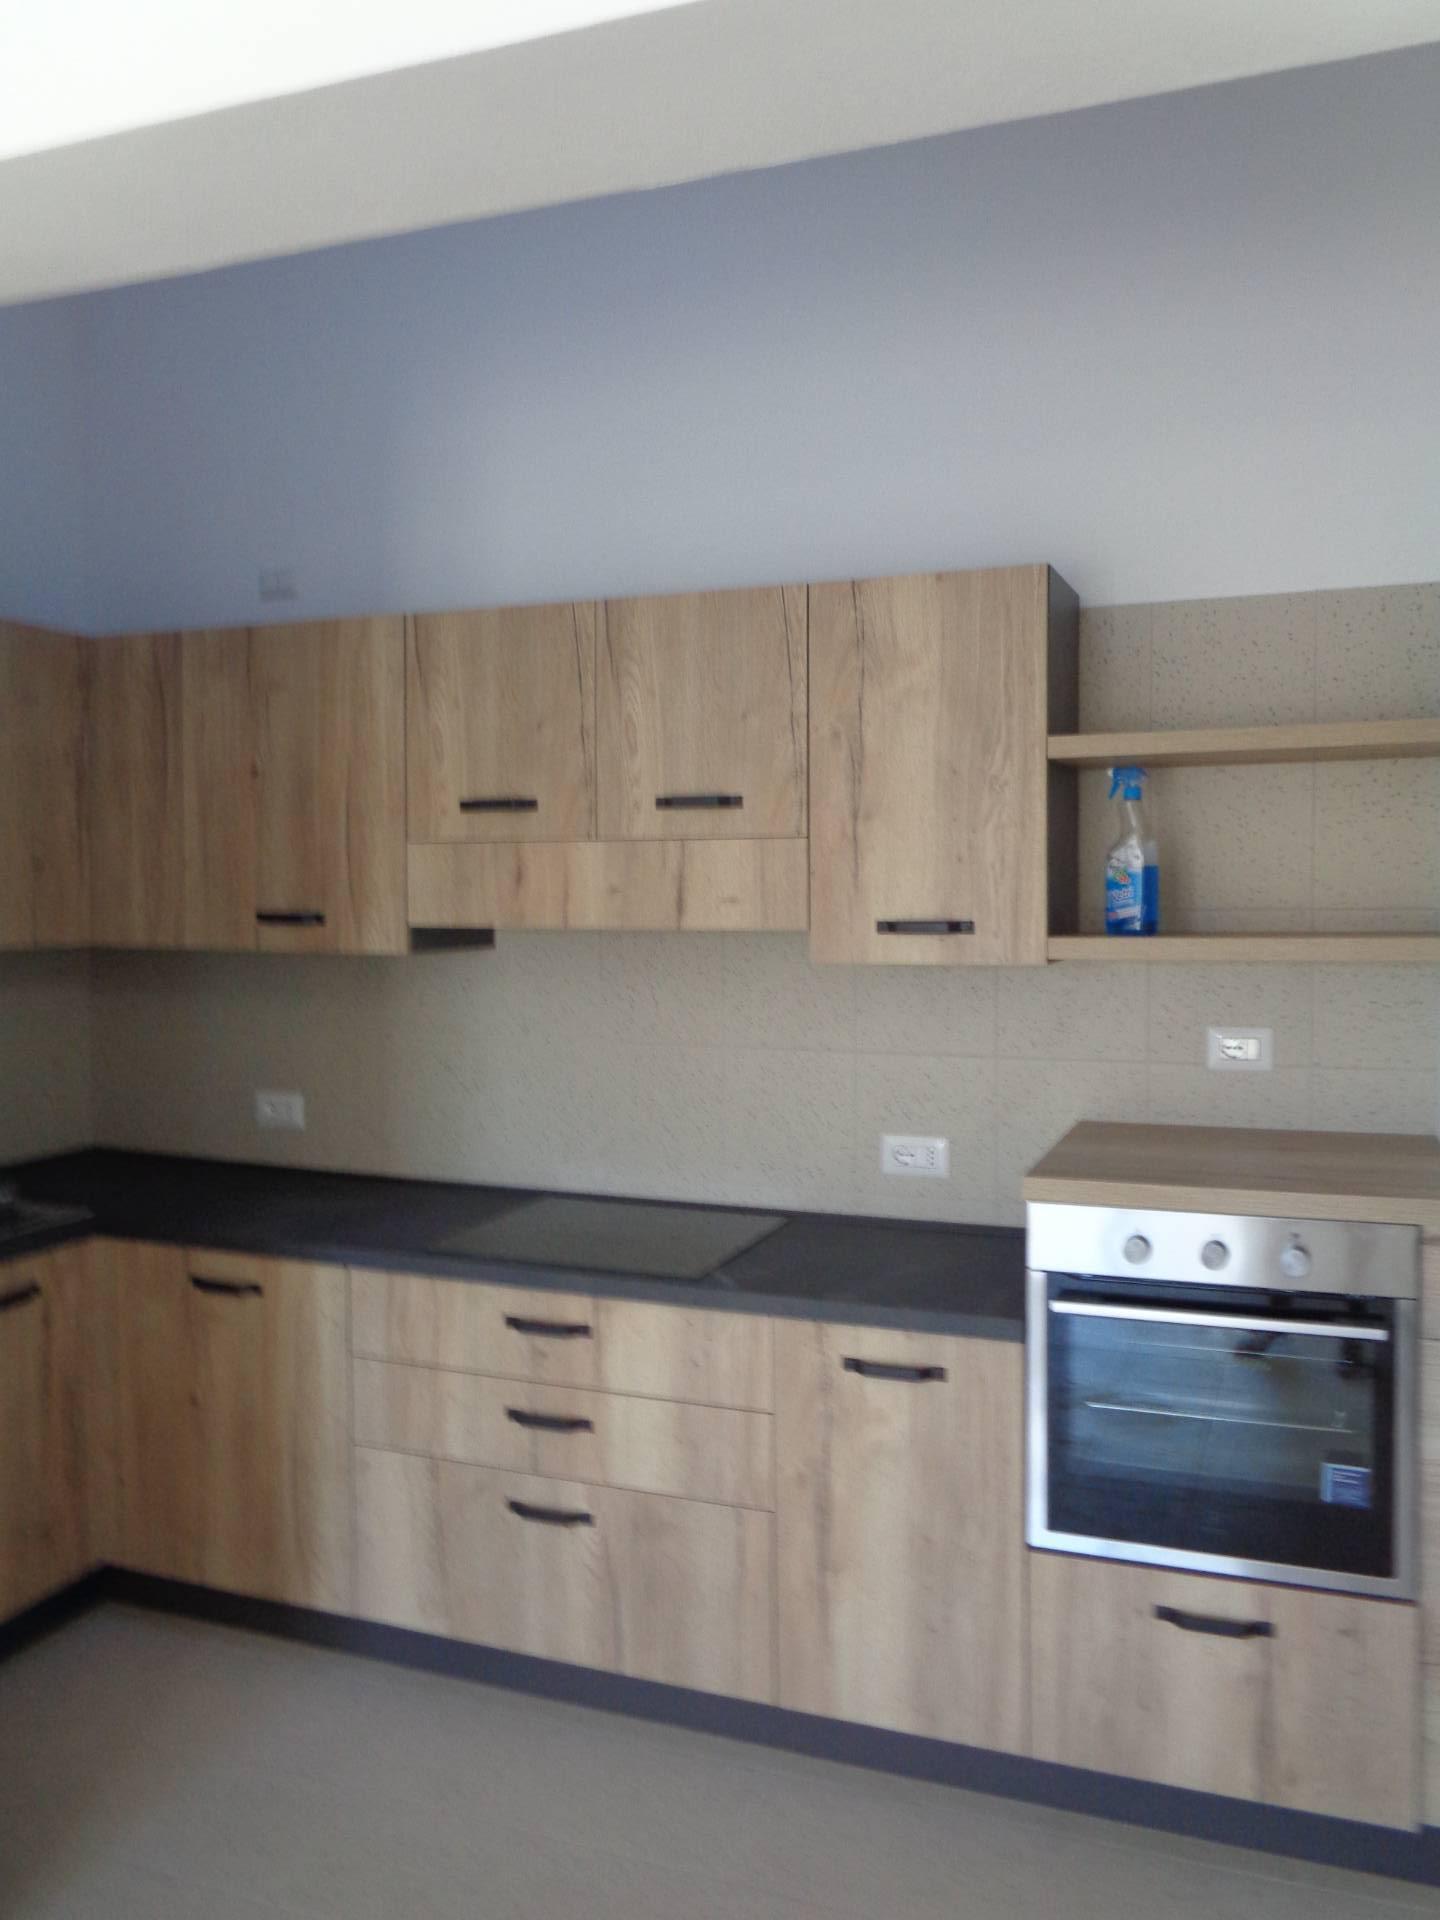 Appartamento in affitto a Longiano, 3 locali, zona Località: BudrioDiLongiano, prezzo € 800 | CambioCasa.it